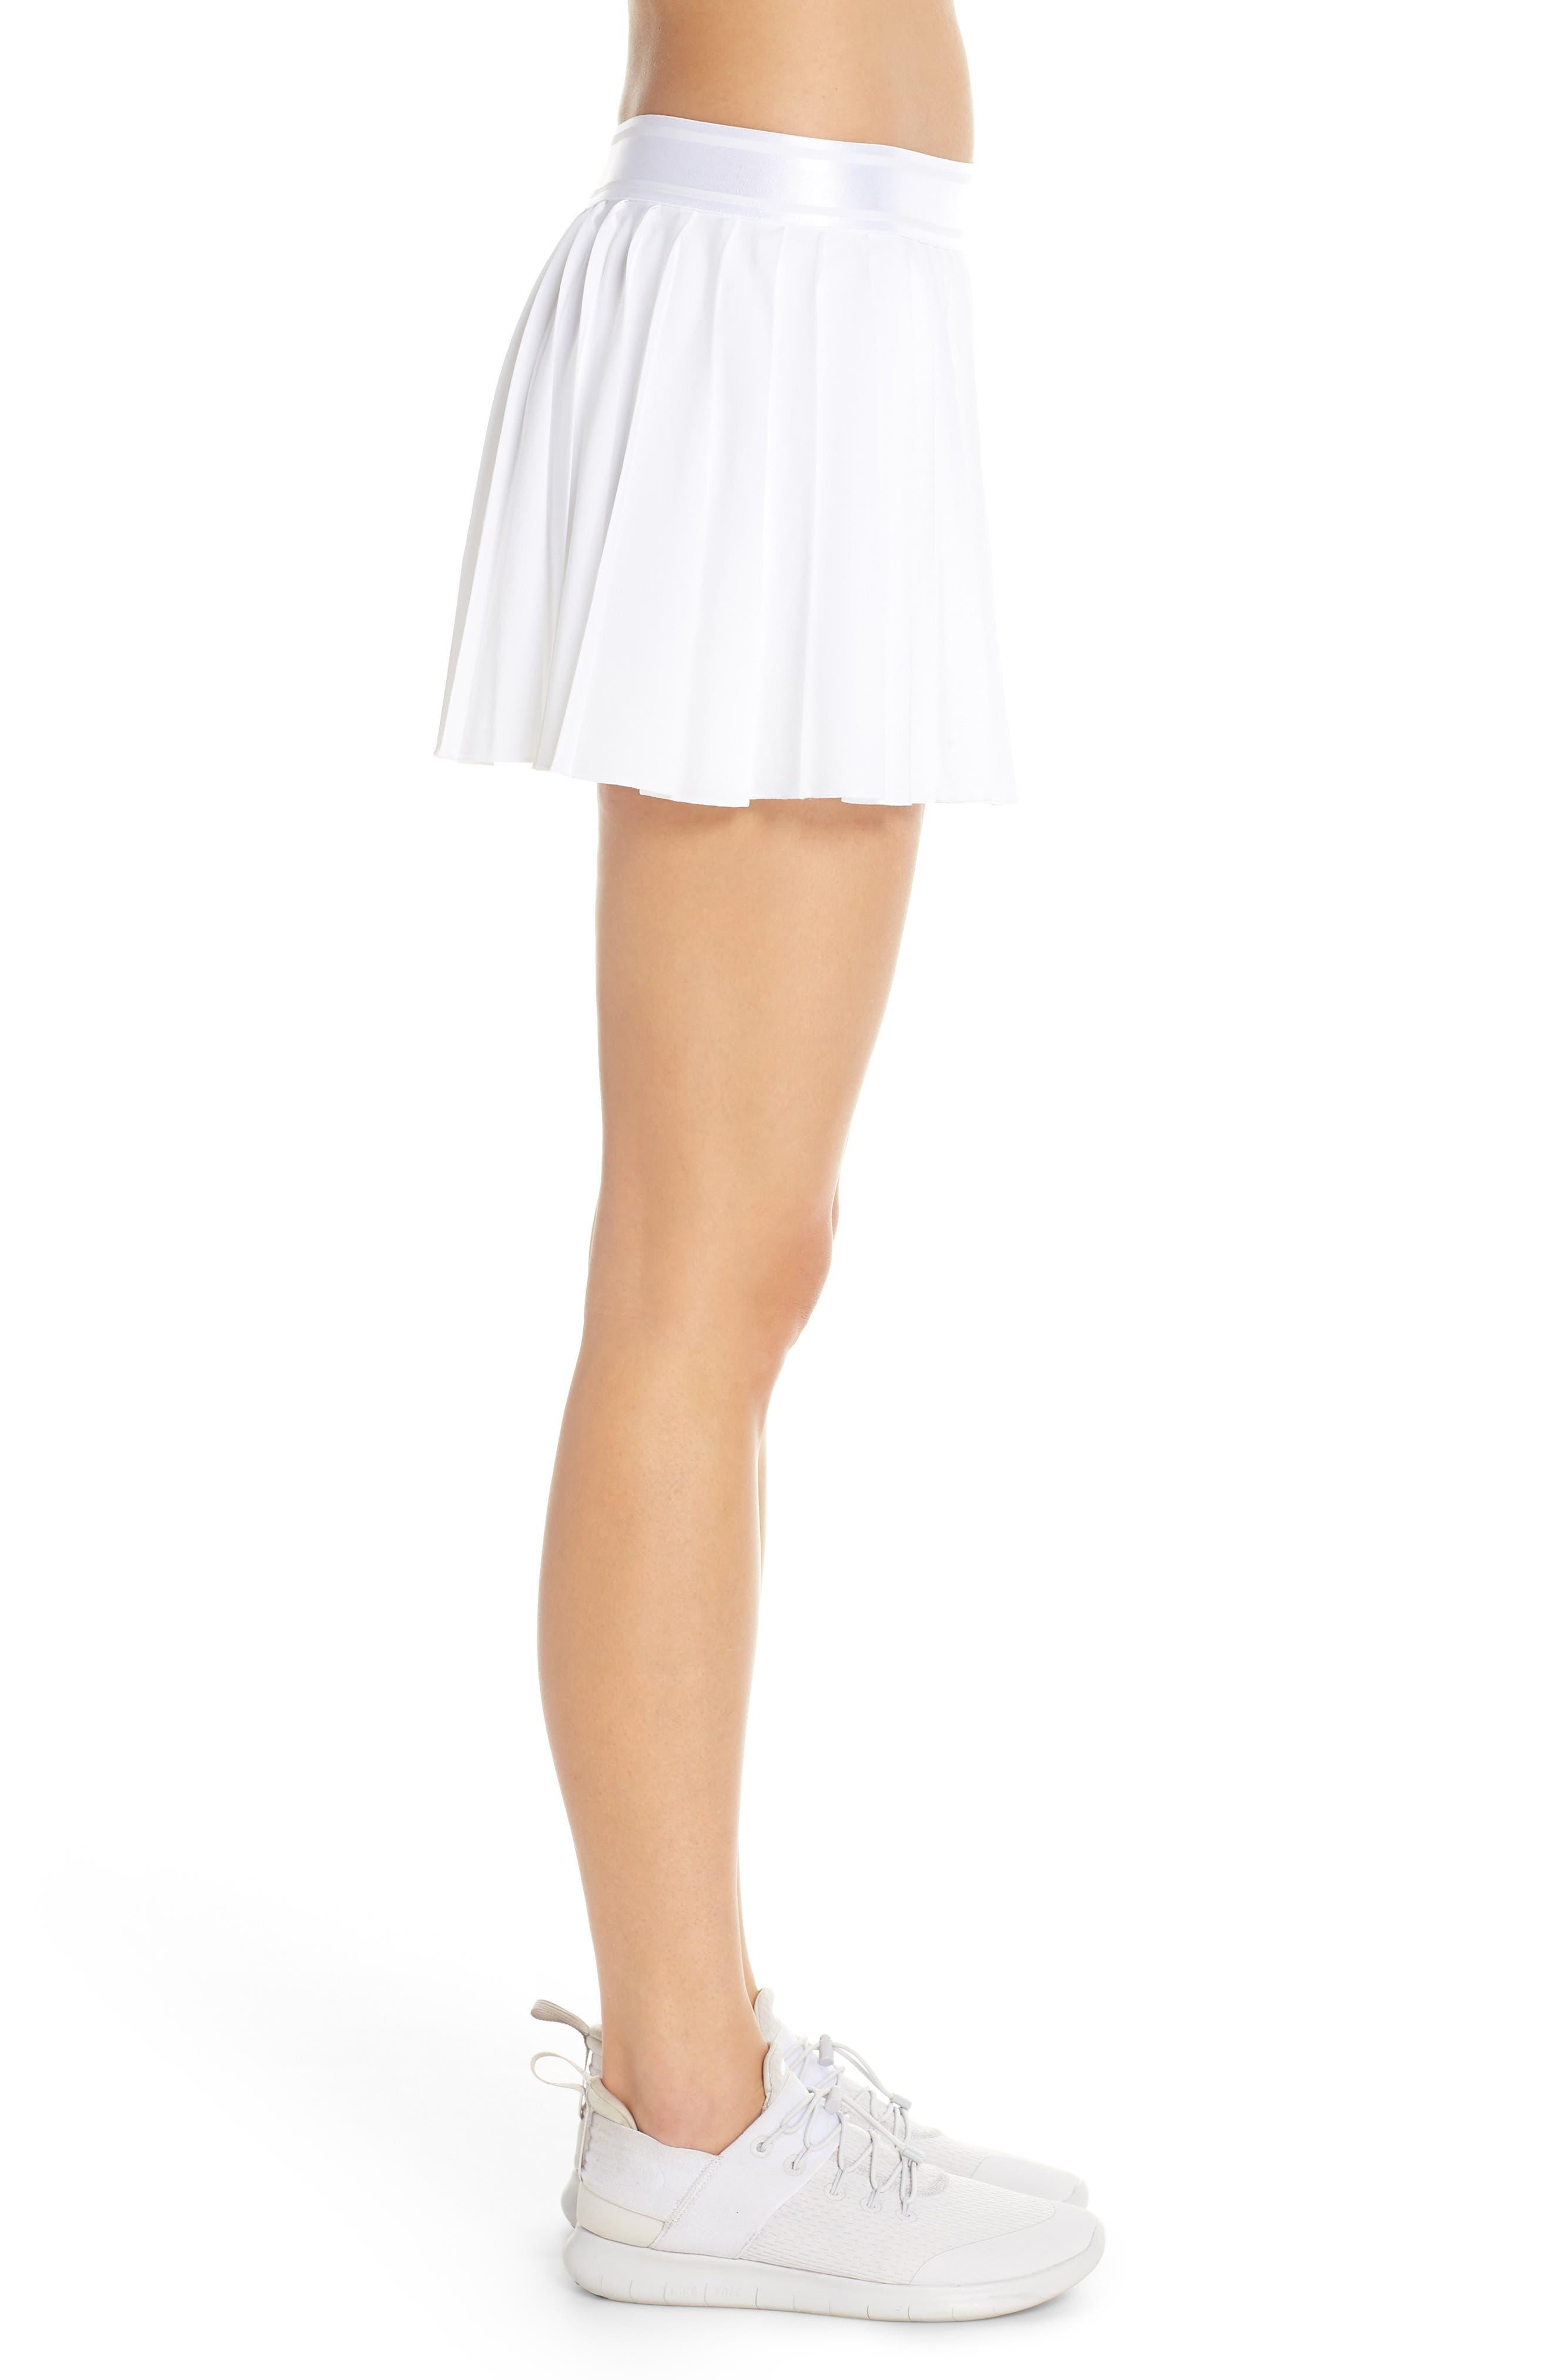 Court Victory Tennis Skirt,                             Alternate thumbnail 3, color,                             WHITE/ BLACK